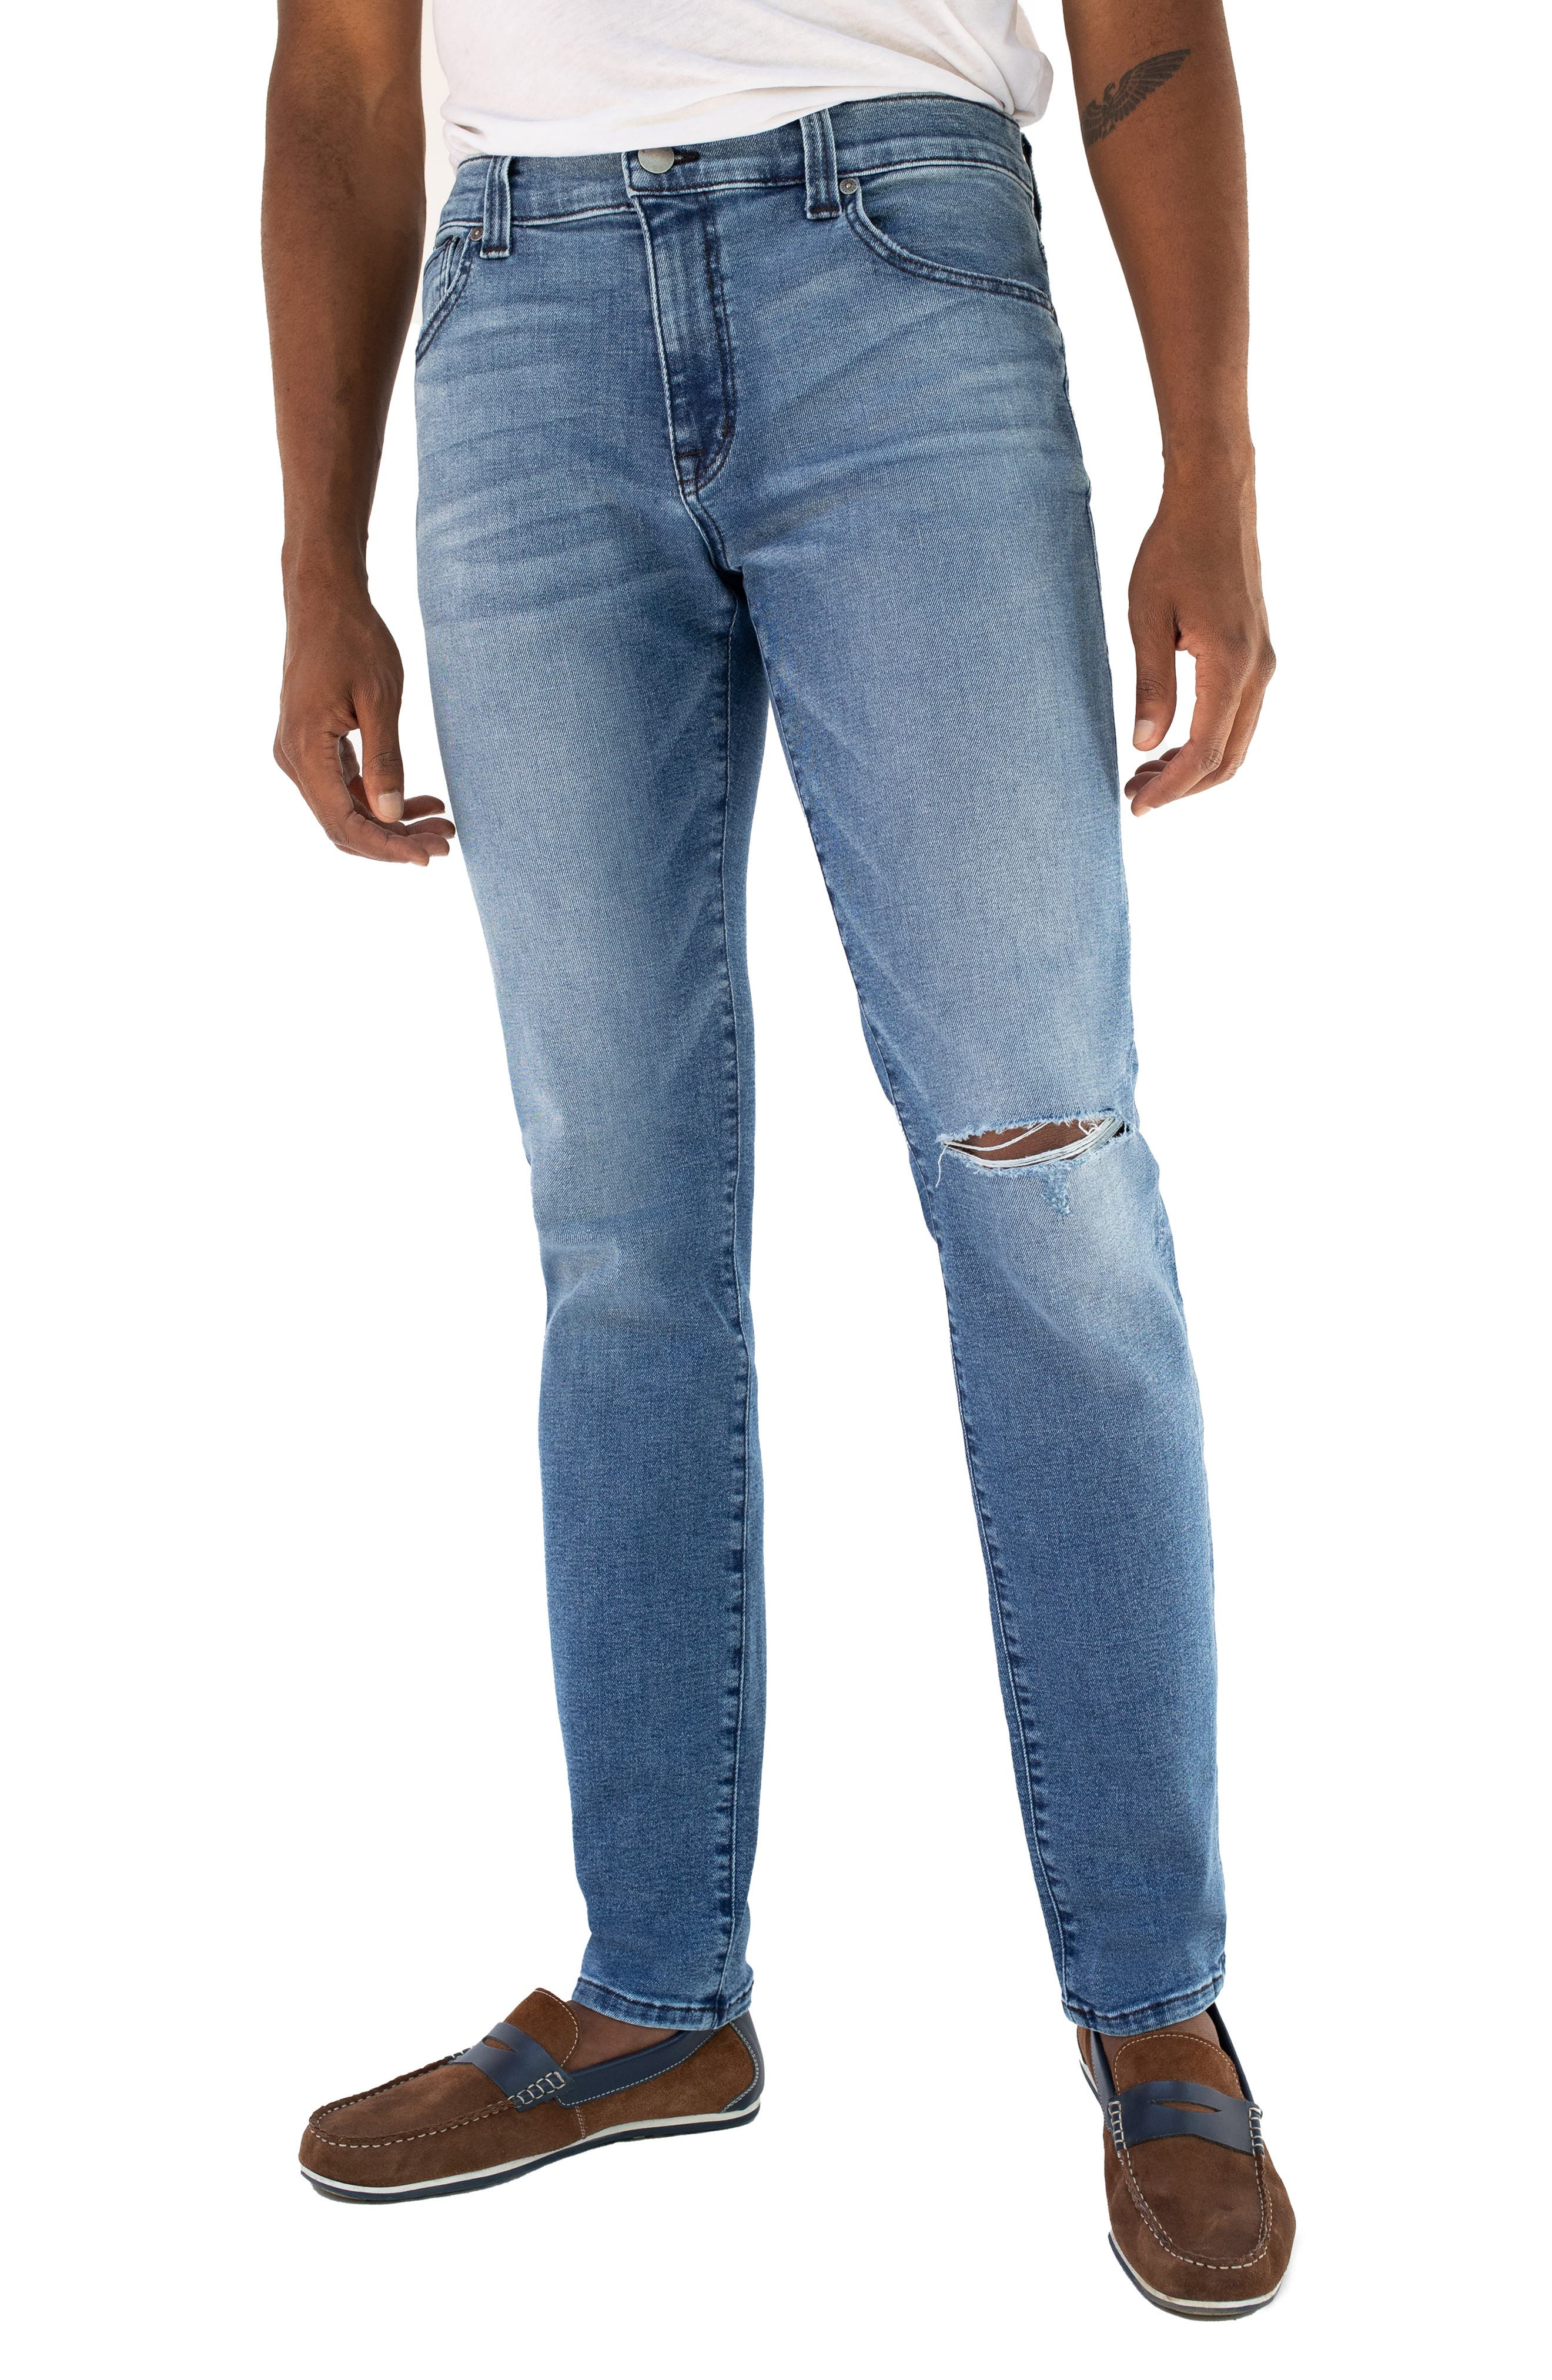 Indie Skinny Fit Jeans